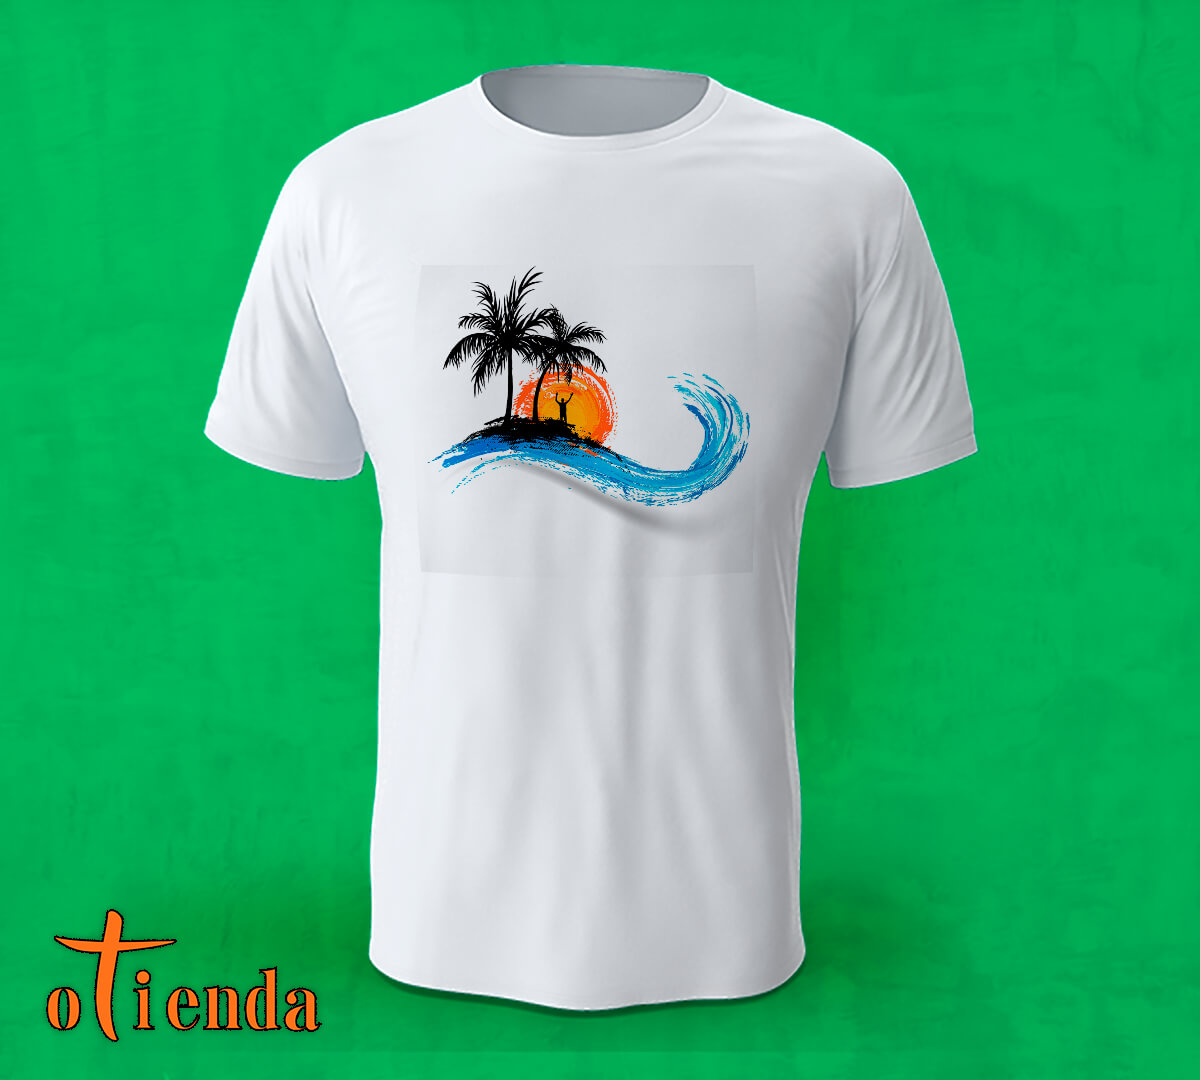 Camiseta Palmeras con Olas al Amanecer personalizada